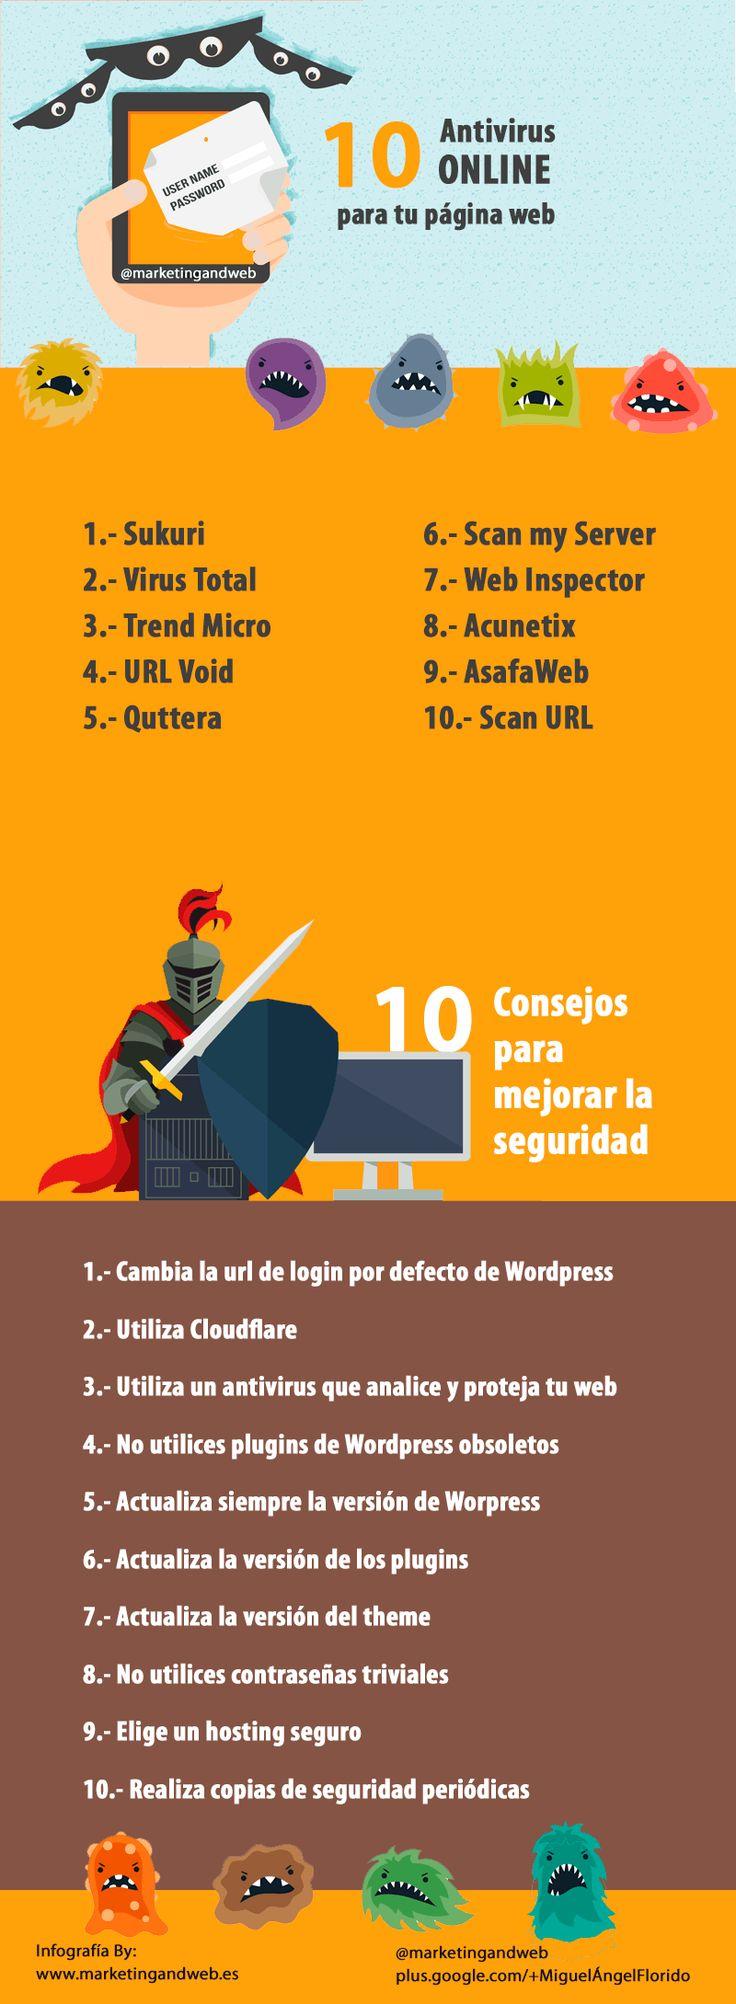 10 antivirus online gratis para analizar una página web. 10 consejos para mejorar la seguridad de tu blog o sitio web en wordpress  #wordpress #web #blog #seguridad #antivirus